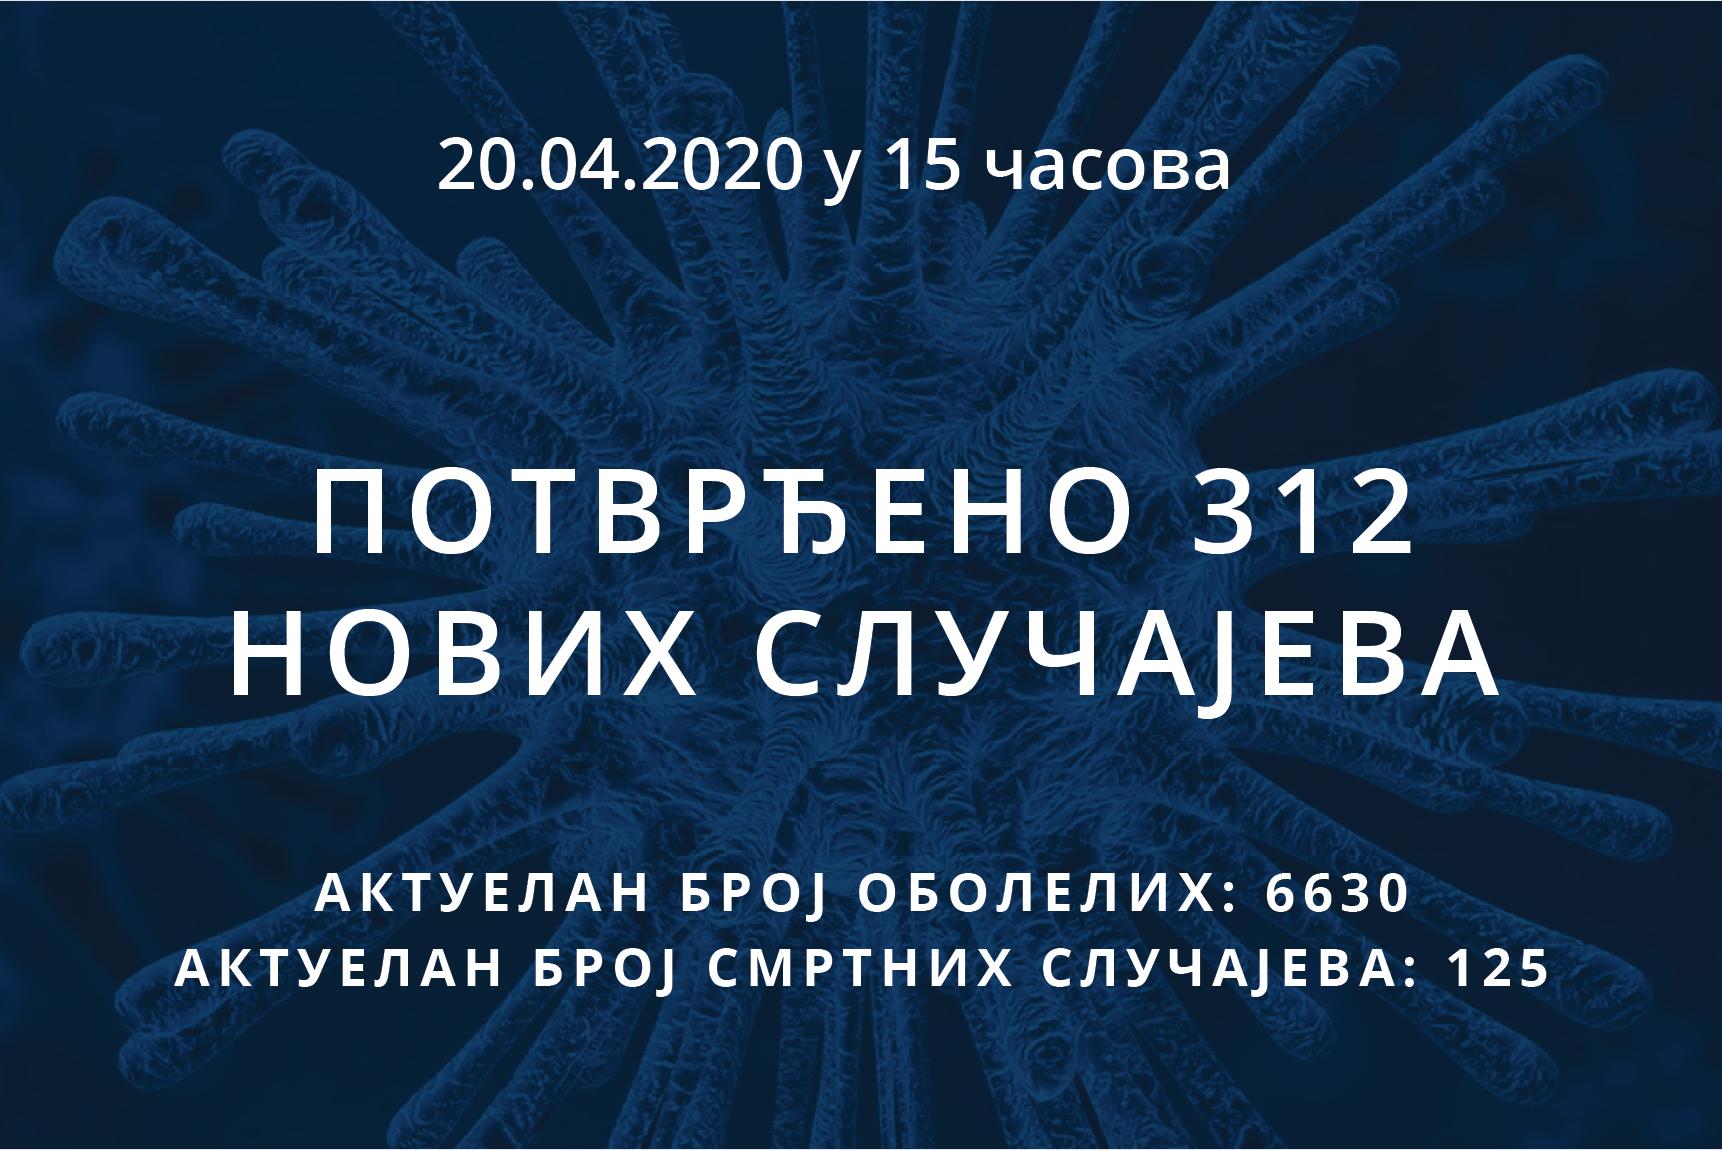 Информације о корона вирусу COVID-19, 20.04.2020 у 15 часова